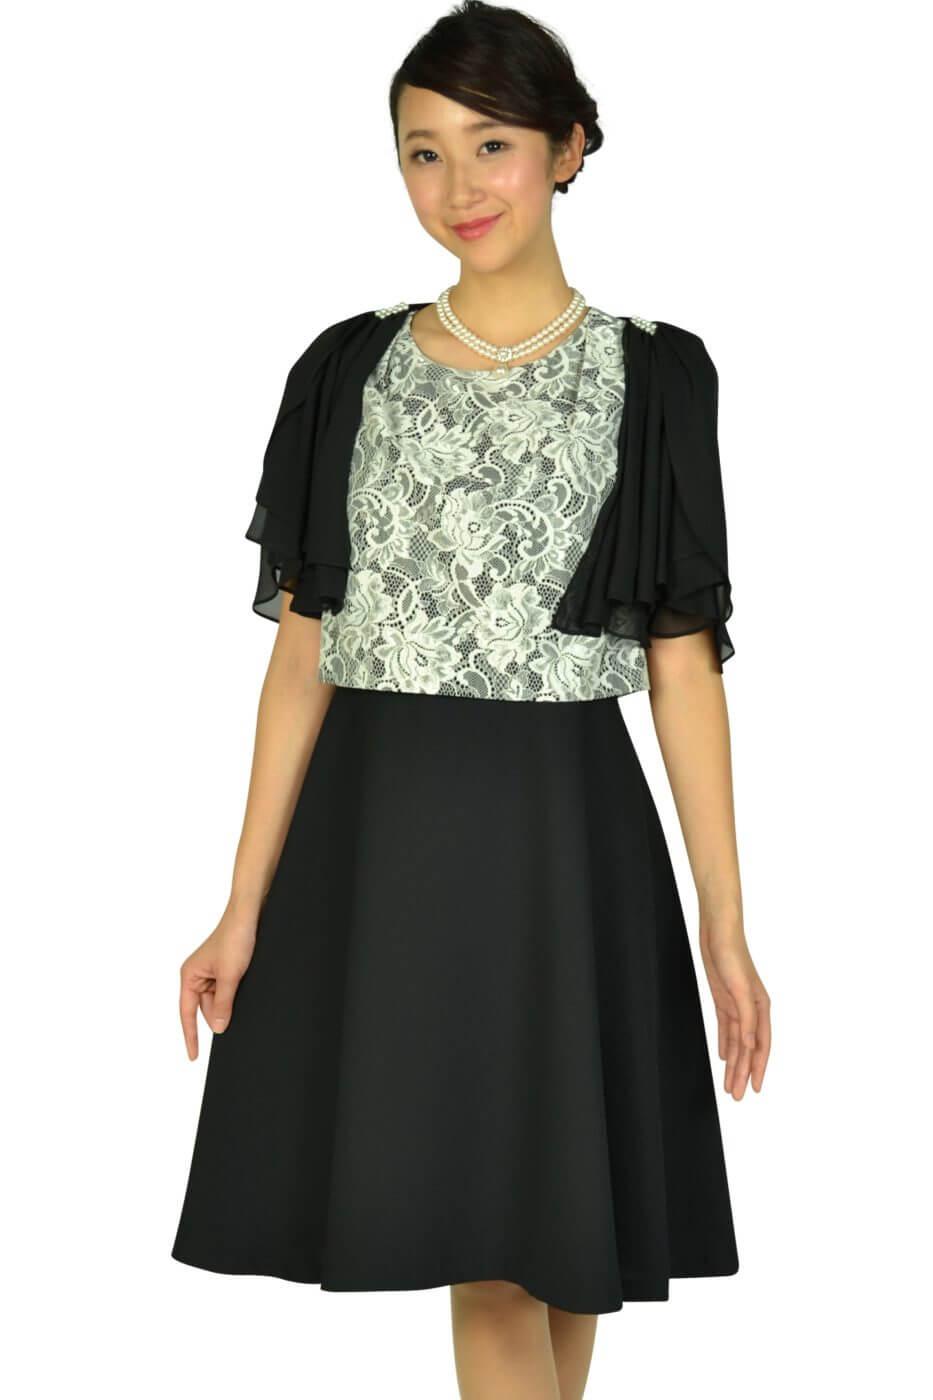 ドレス デコ (DRESS DECO)エレガントブラック×ホワイトレースドレスセット